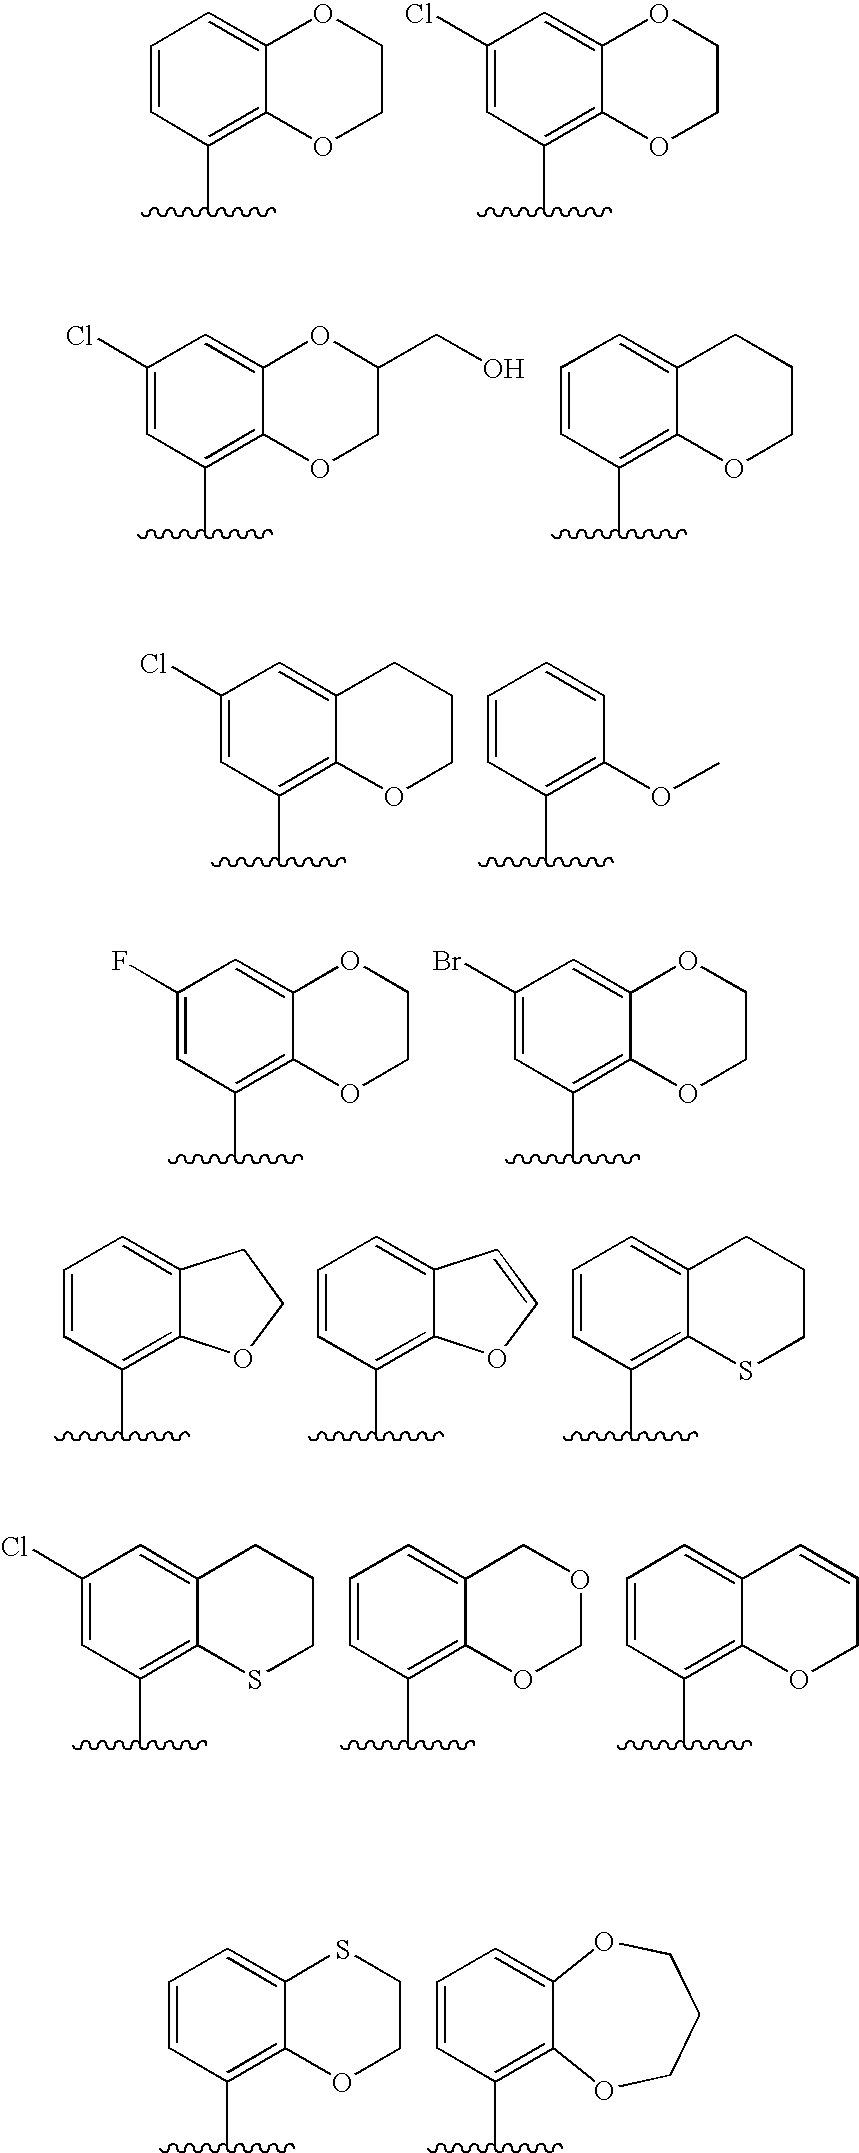 Figure US20100009983A1-20100114-C00191